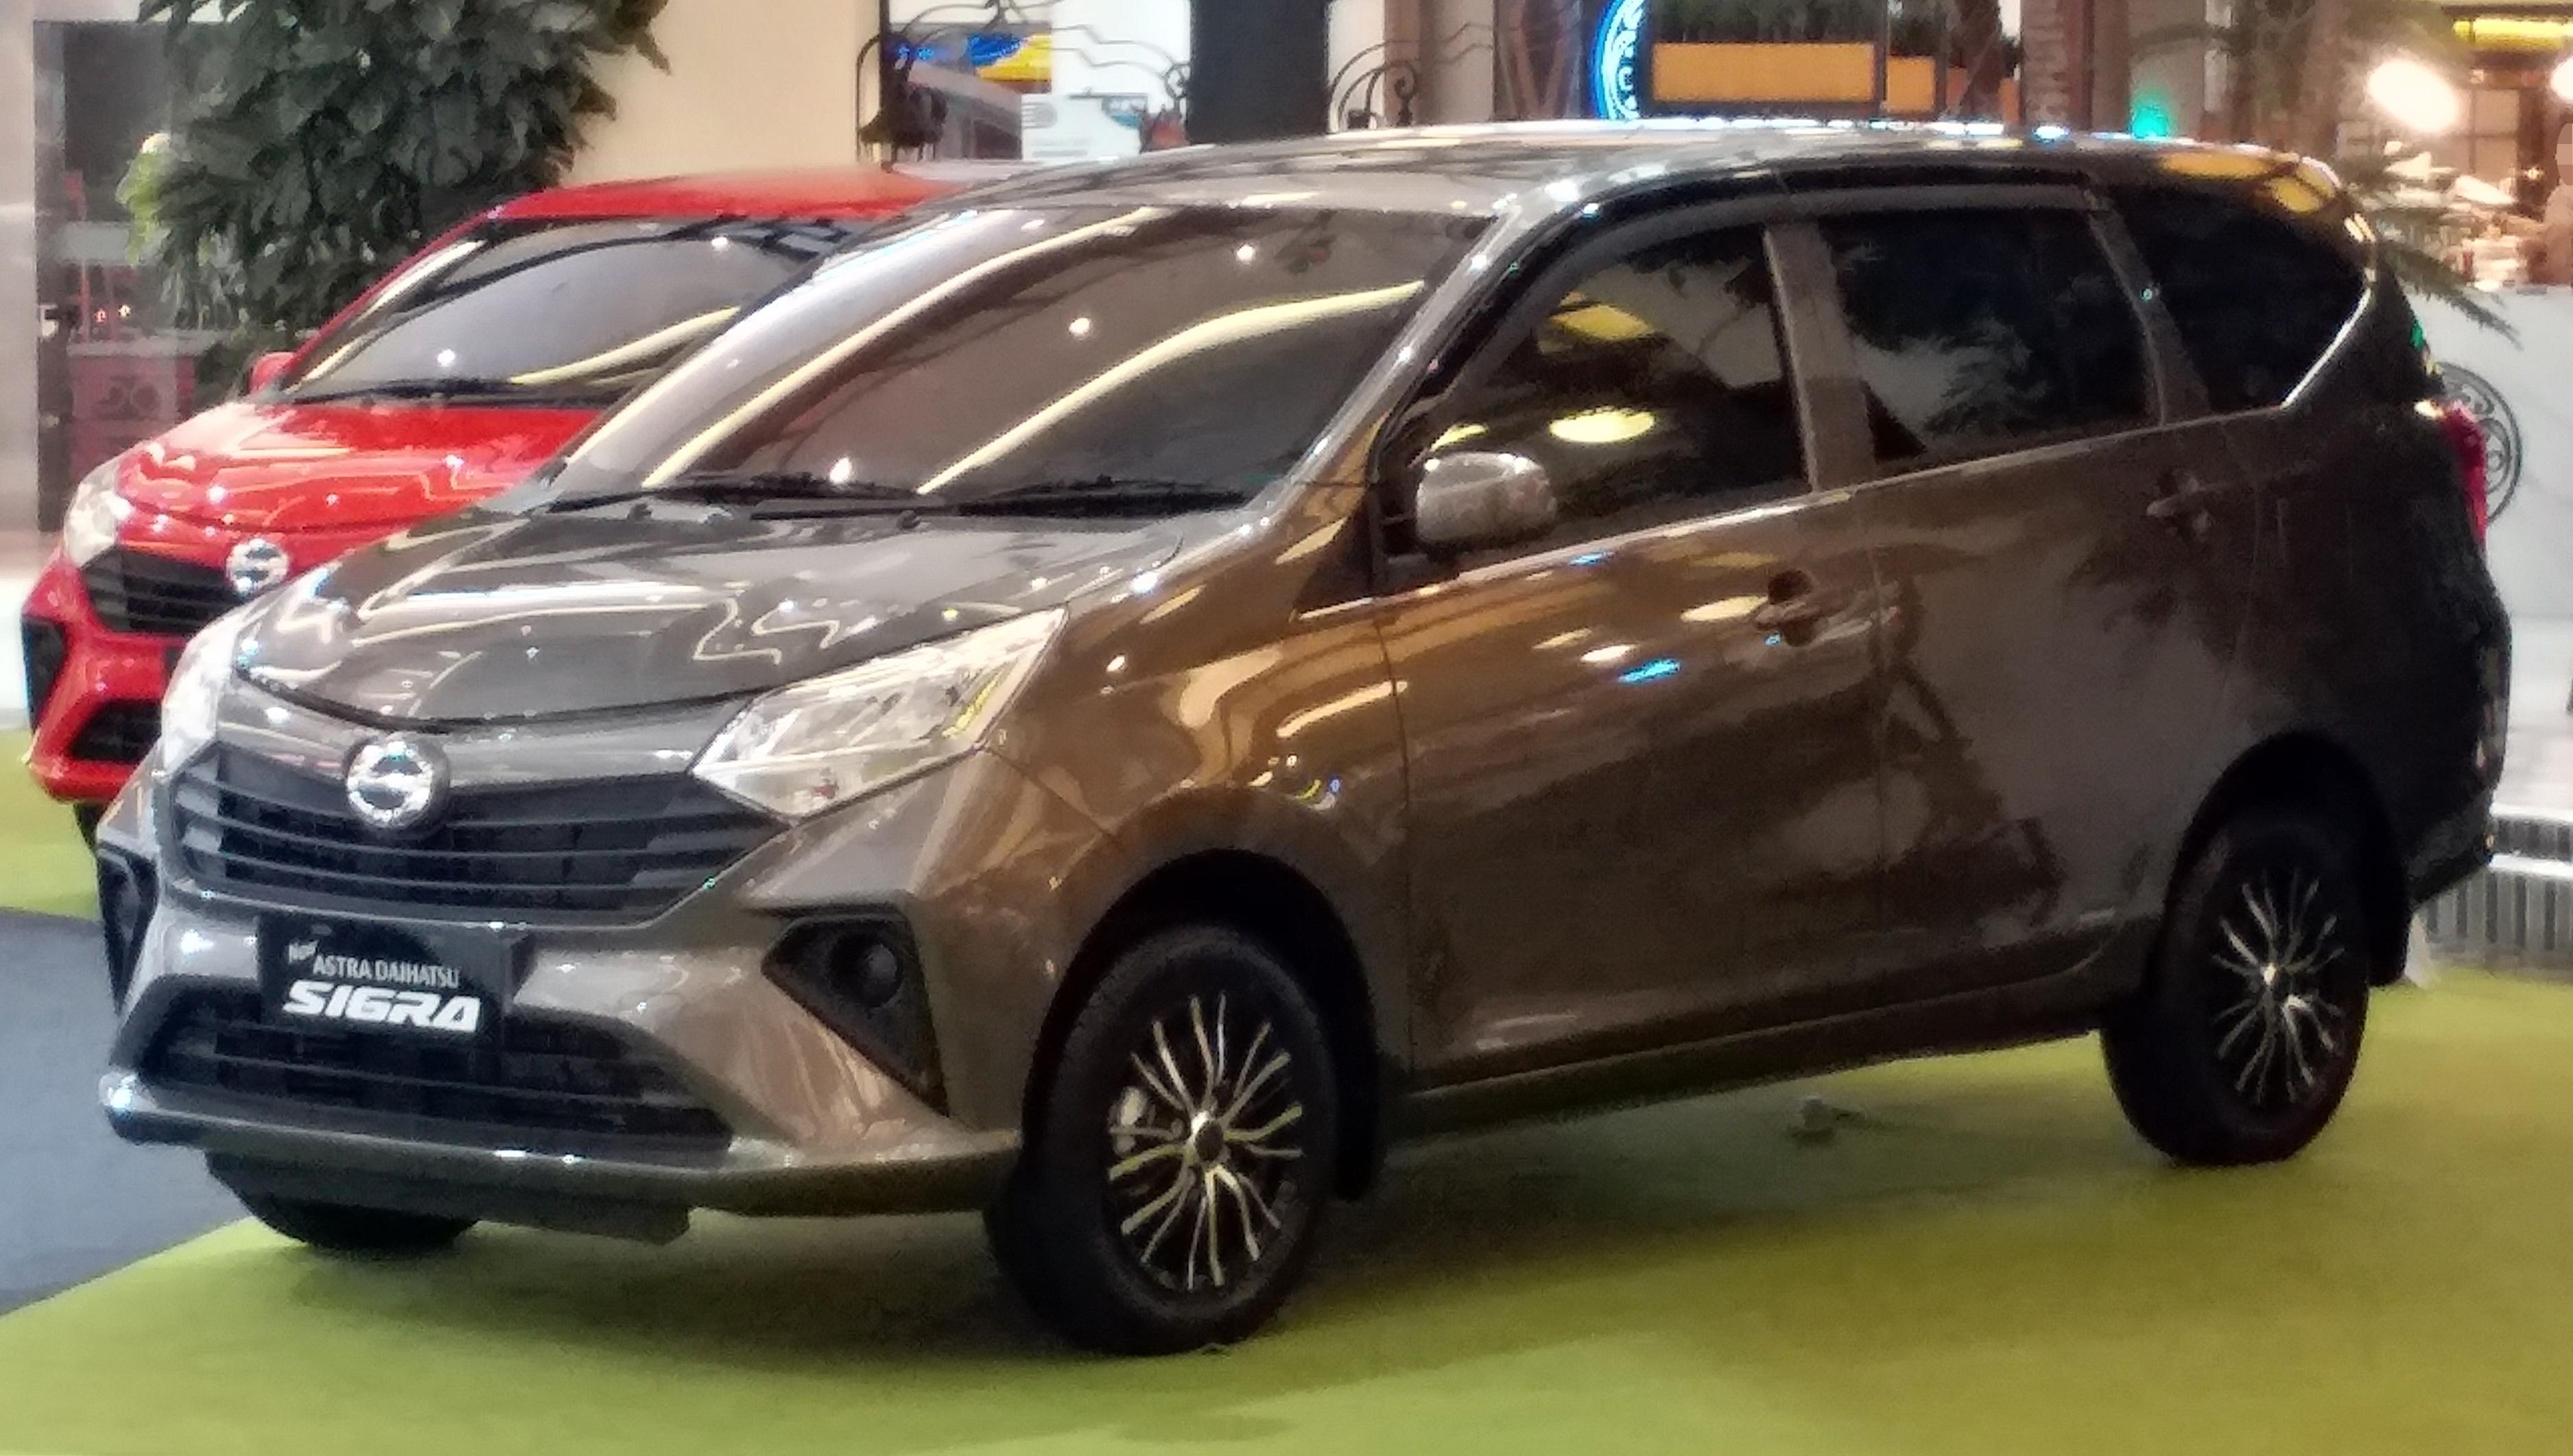 Kelebihan Toyota Sigra Murah Berkualitas